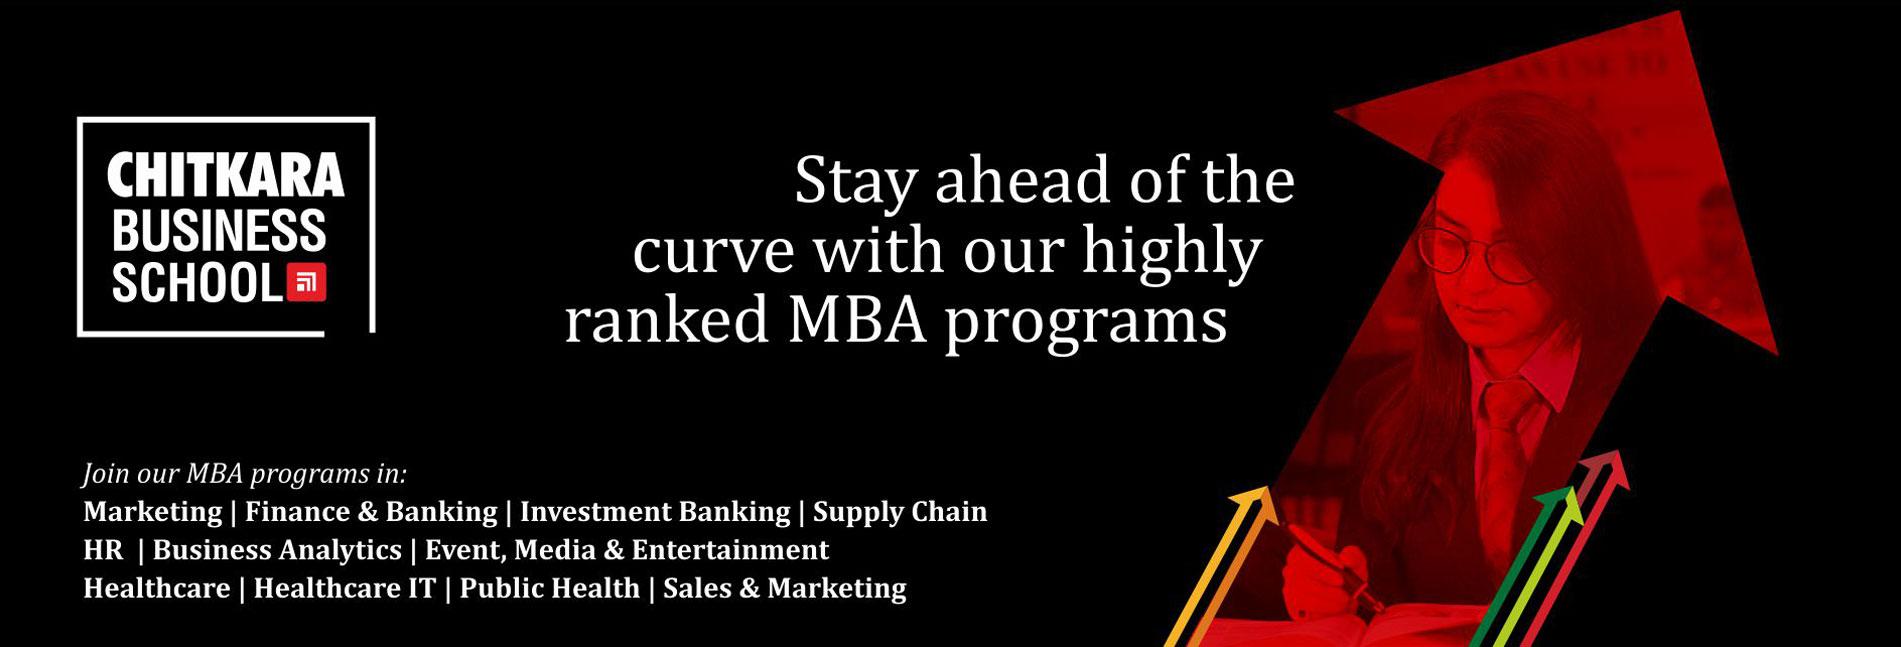 study at Chitkara Business School